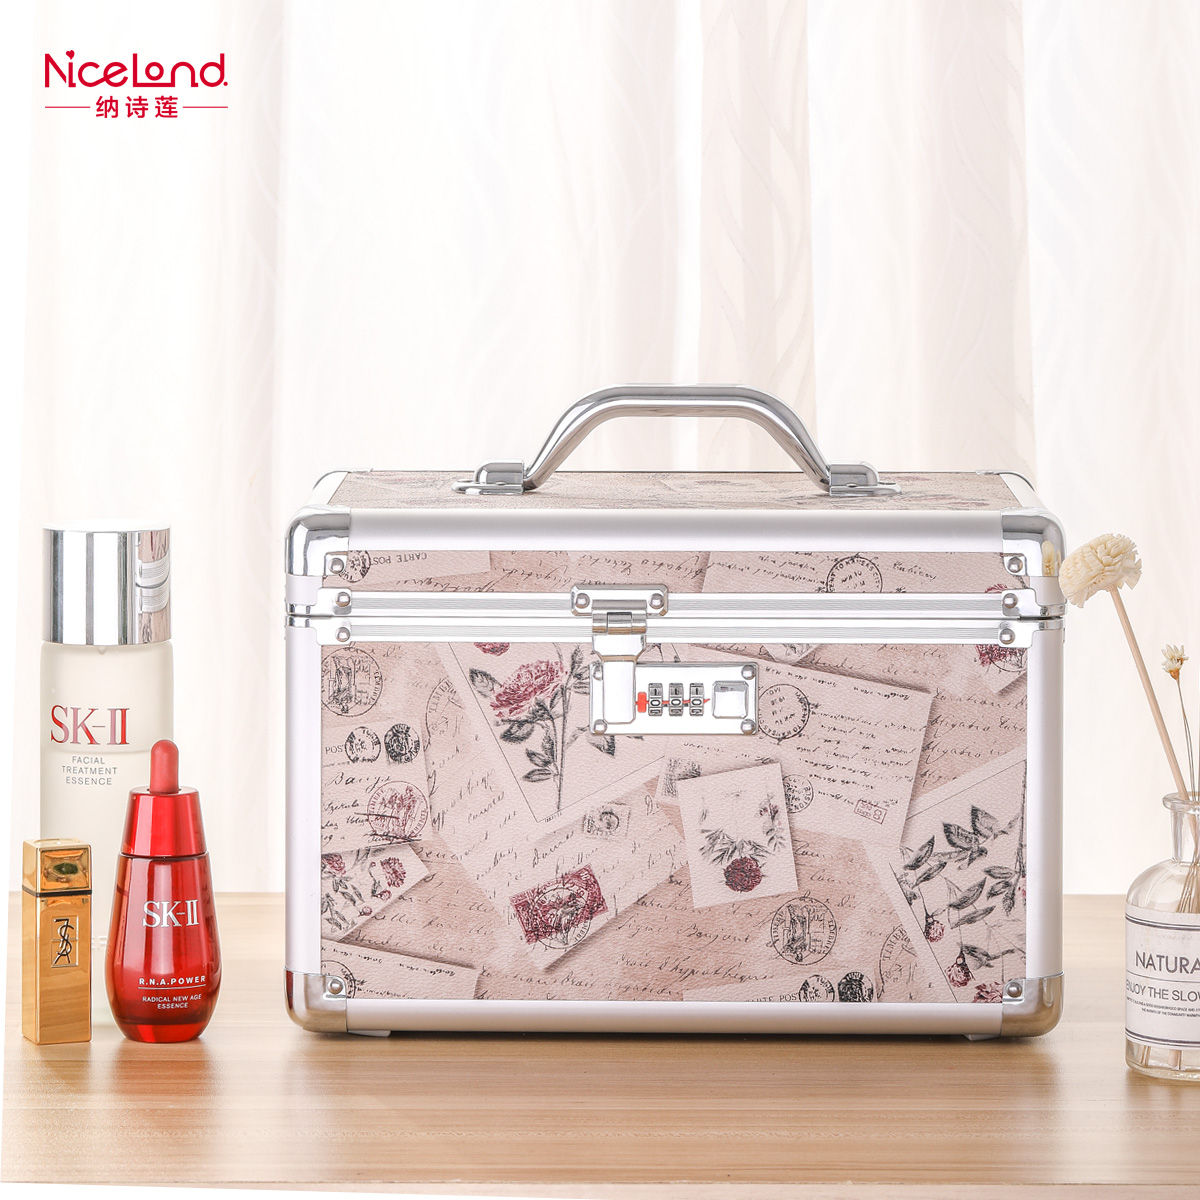 NiceLand化妝箱大容量水乳護膚品化妝品收納盒手提便攜家用工具箱